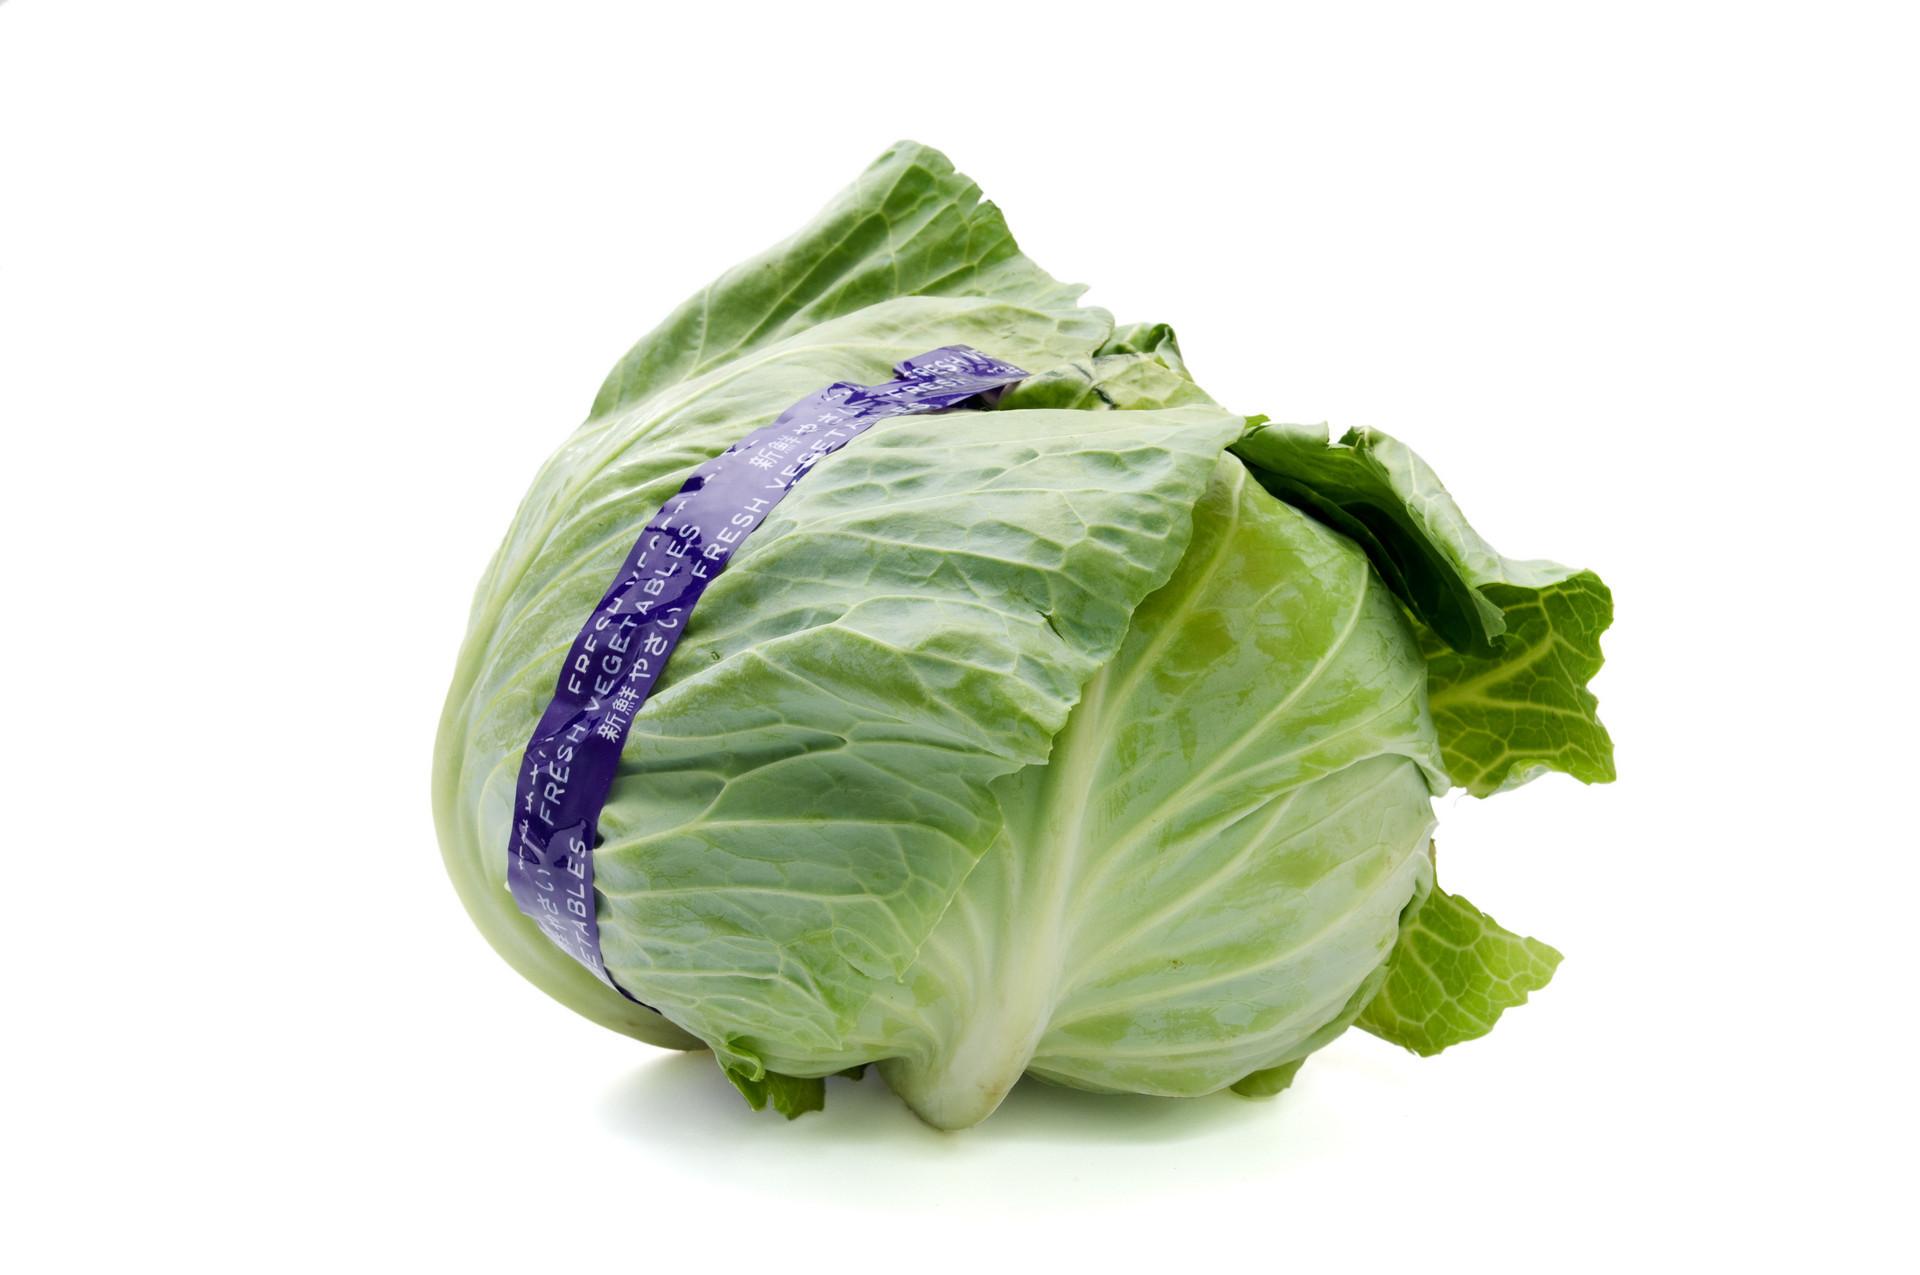 多吃蔬菜身体棒⊙这种蔬菜不要再买了,天天吃可能对身体造成危害,现在知道还不晚 ...,网站推广